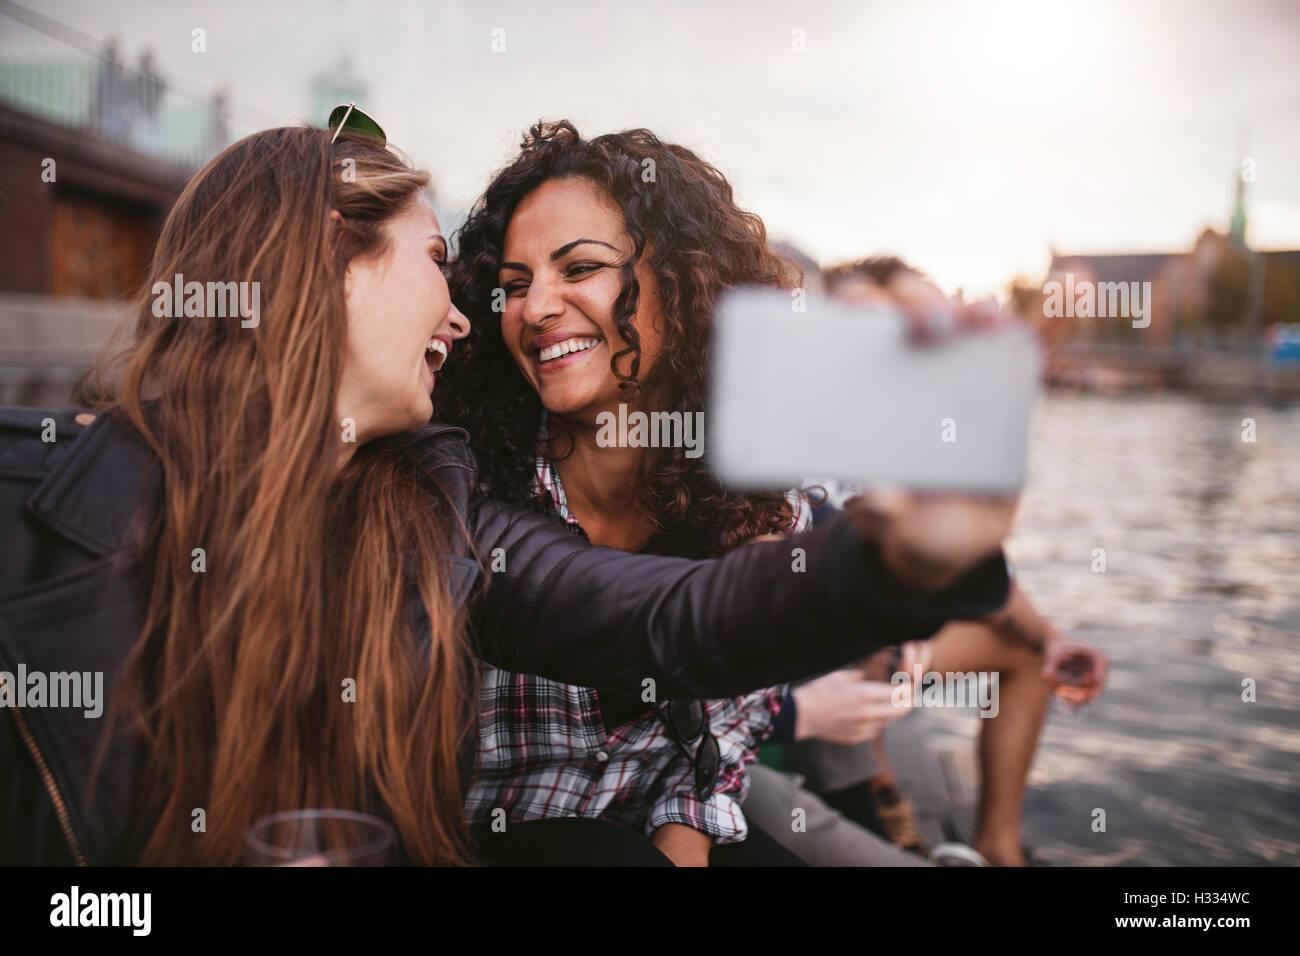 Allegro di donne giovani amici prendendo selfie dal lago. Migliori amici divertendosi insieme. Immagini Stock